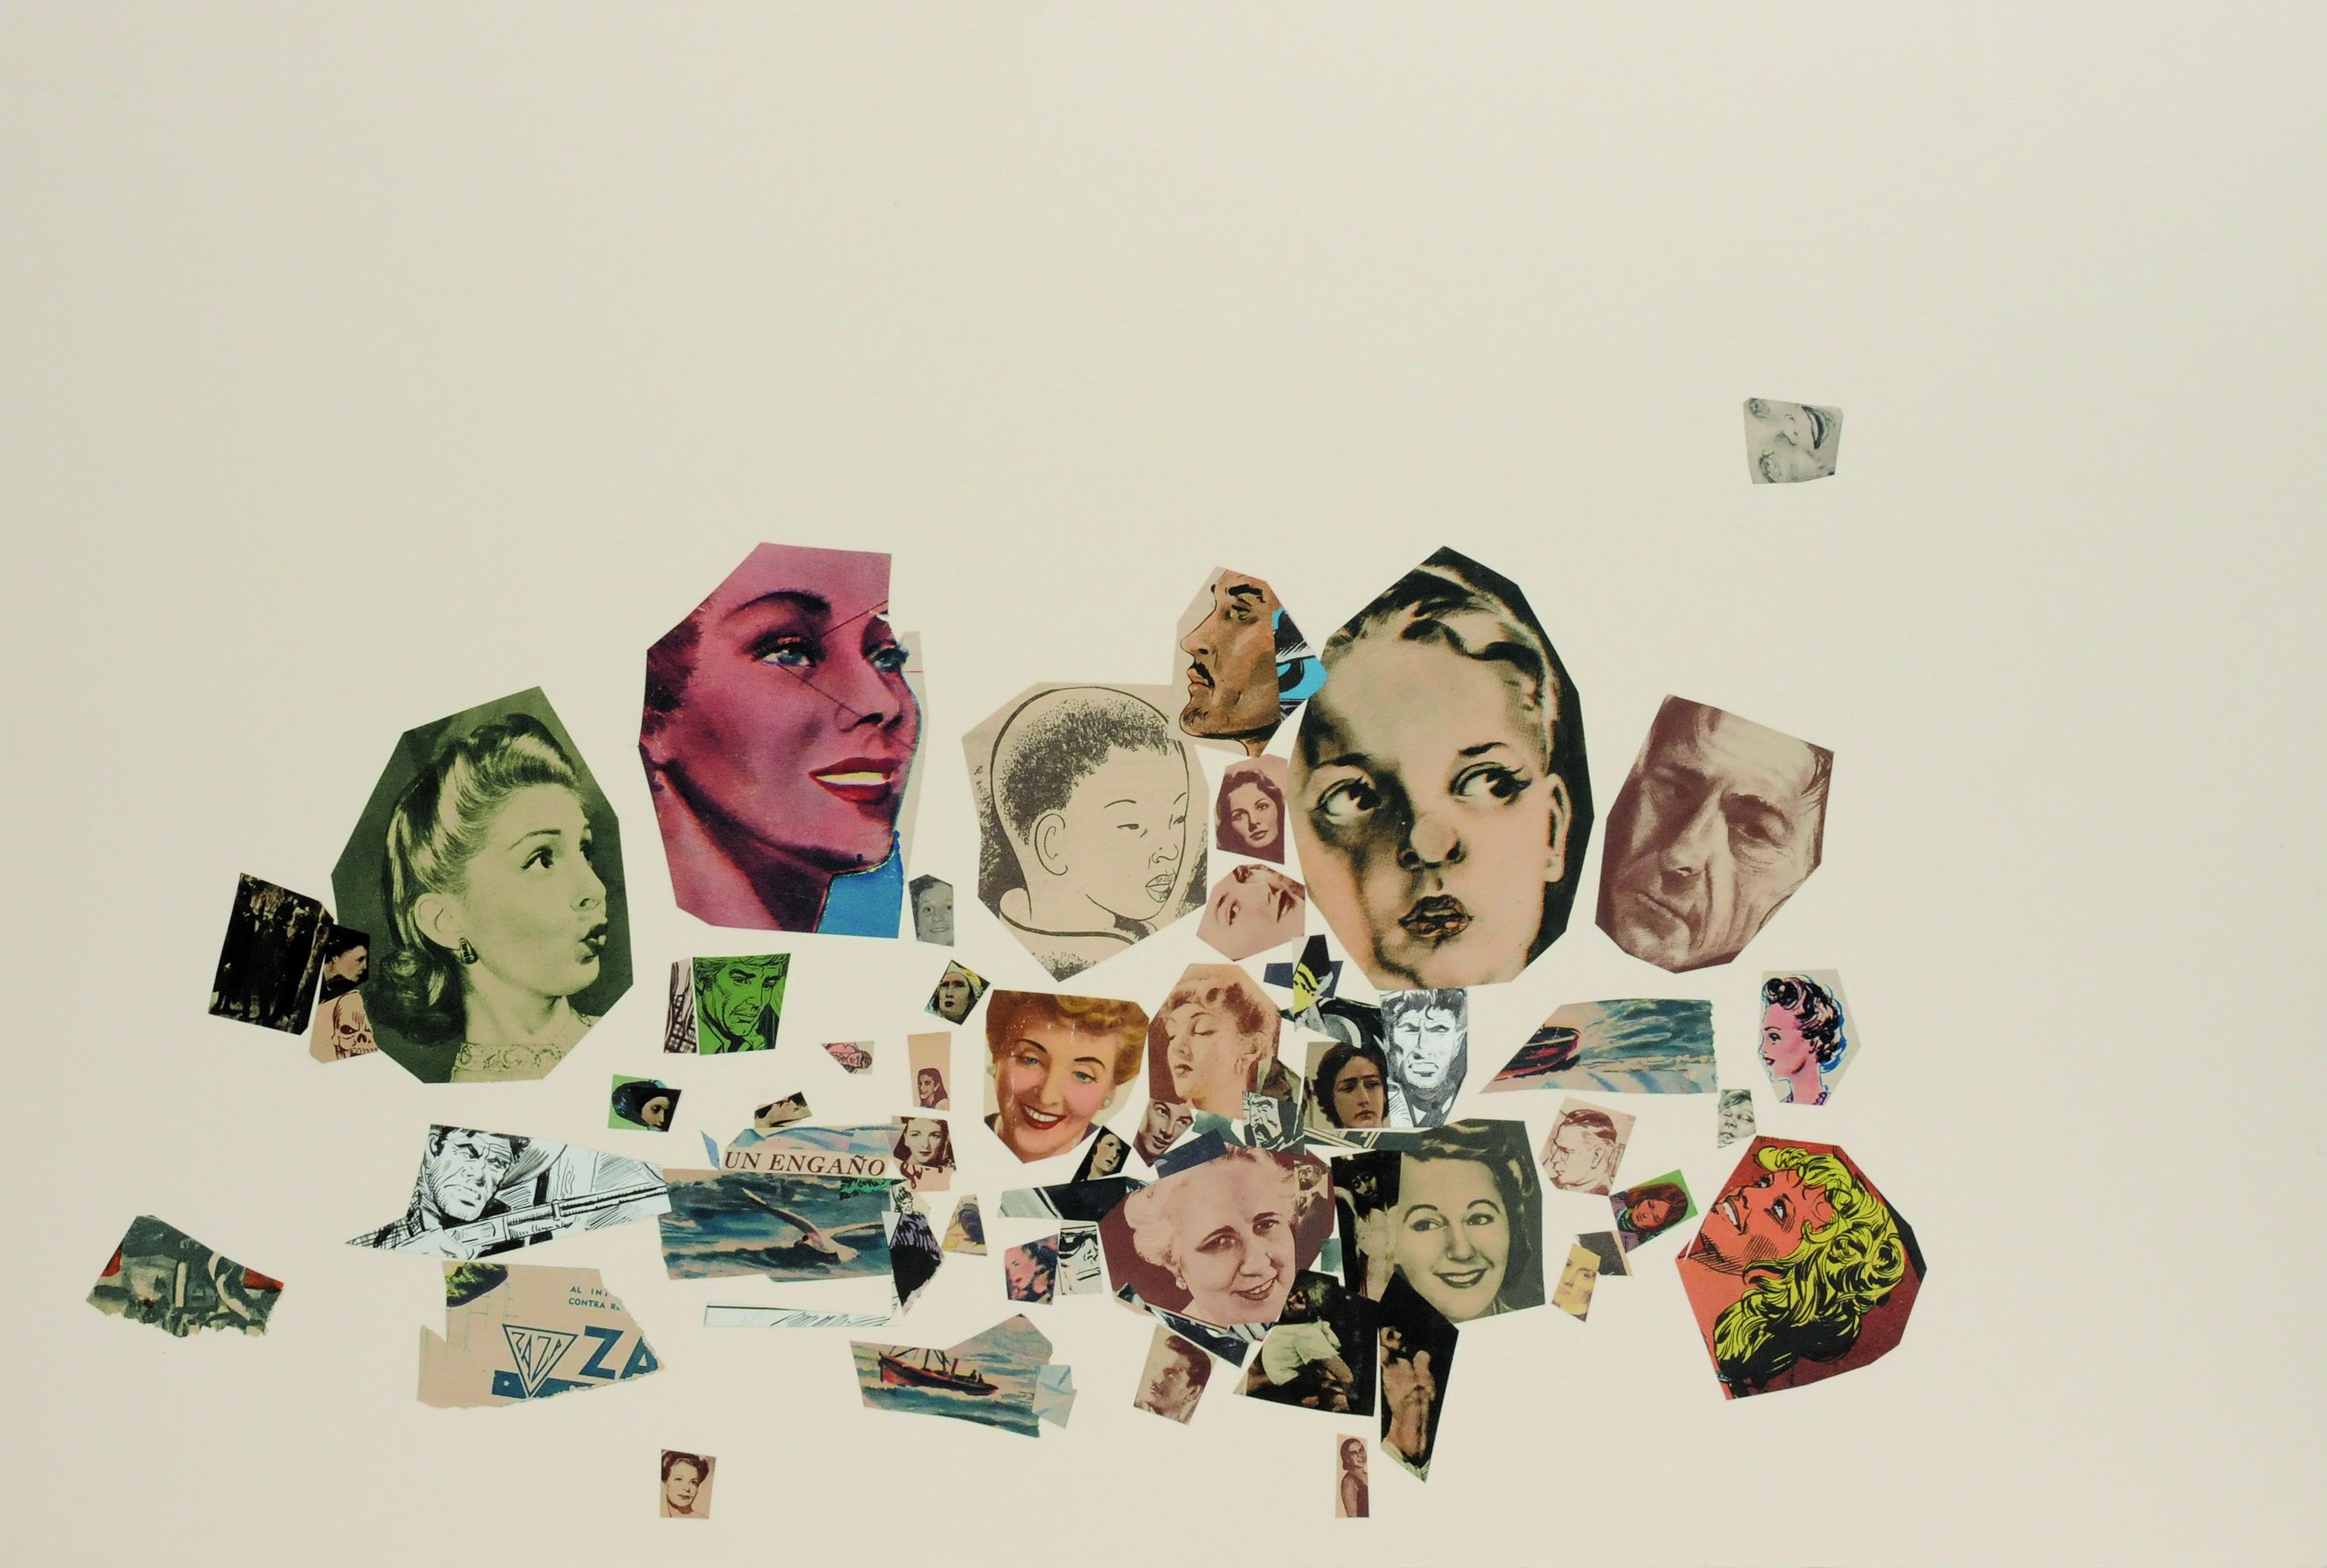 Un engaño, papel collage, 51 cm x 76 cm. 2008